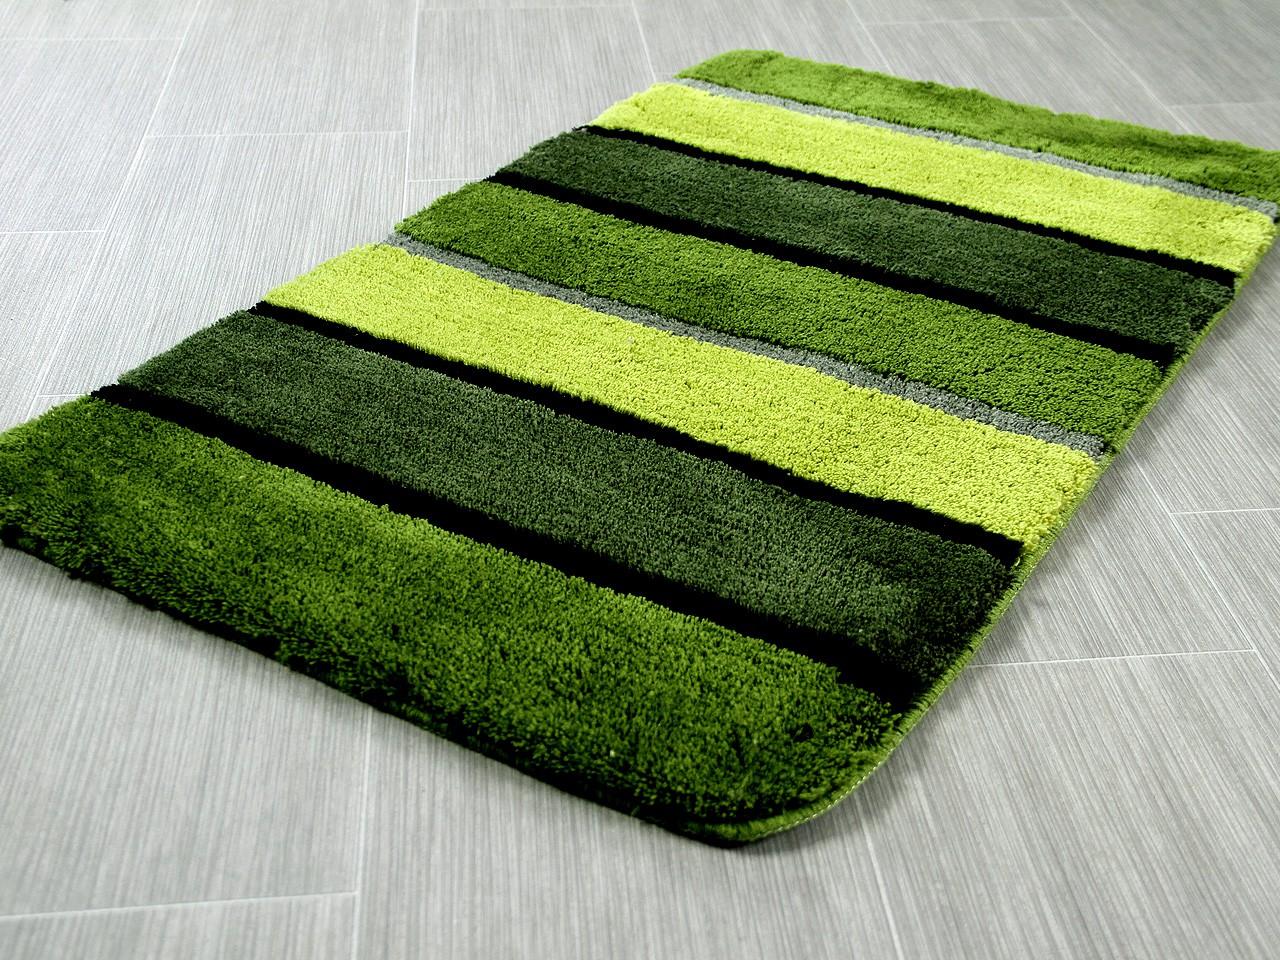 pacific badteppich bali gr n streifen in 5 gr en badteppiche pacific badteppiche. Black Bedroom Furniture Sets. Home Design Ideas